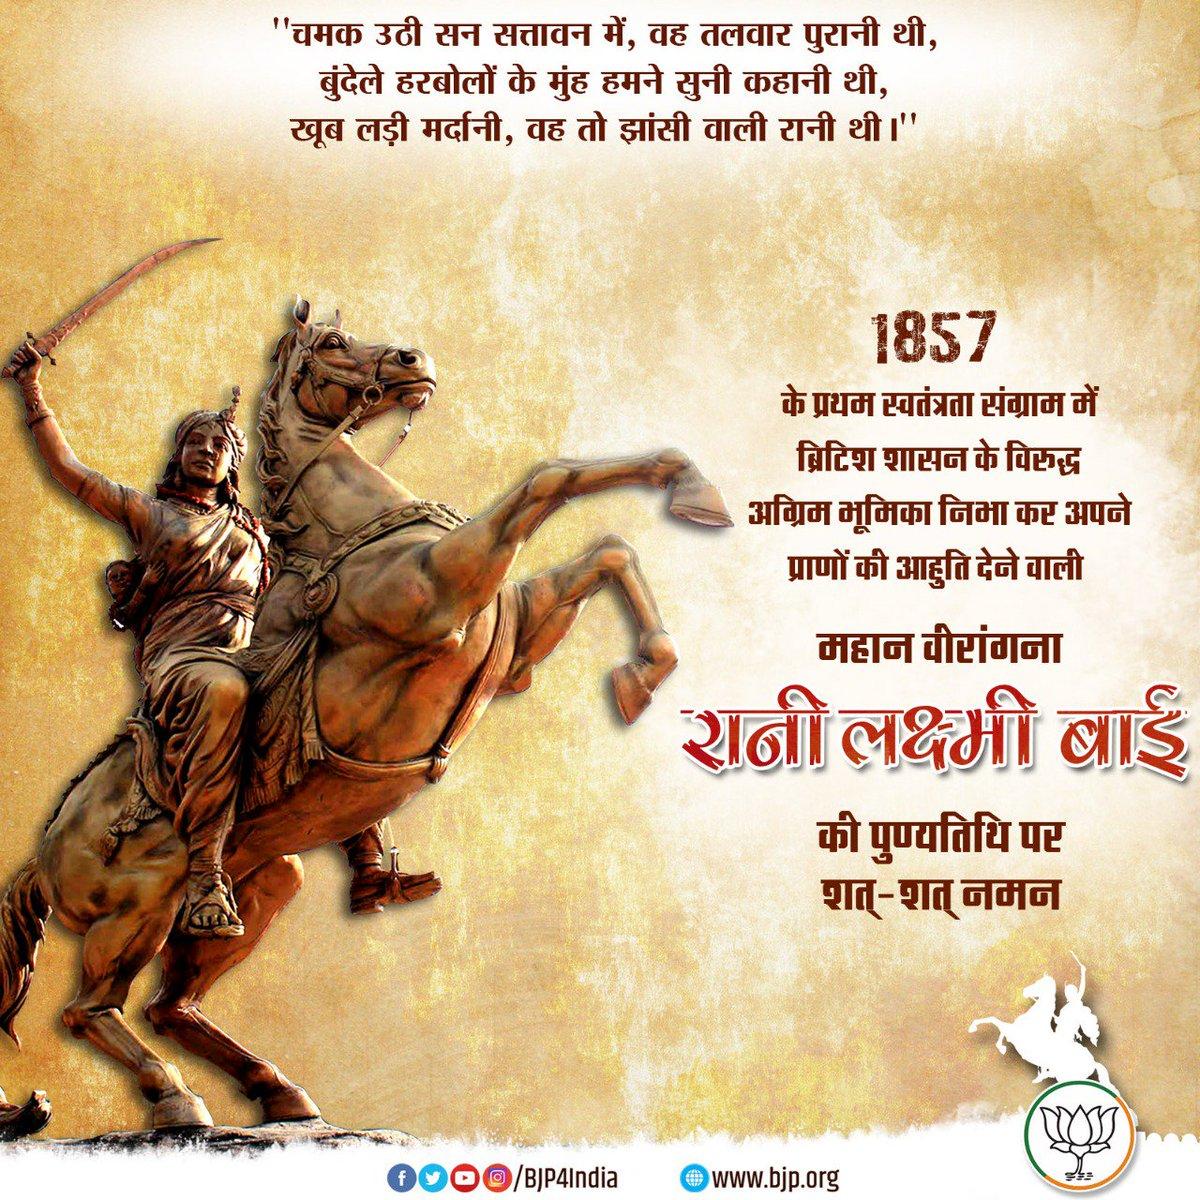 1857 के प्रथम स्वतंत्रता संग्राम में ब्रिटिश शासन के विरुद्ध अग्रिम भूमिका निभा कर अपने प्राणों की आहुति देने वाली महान वीरांगना रानी लक्ष्मी बाई की पुण्यतिथि पर शत् शत् नमन।